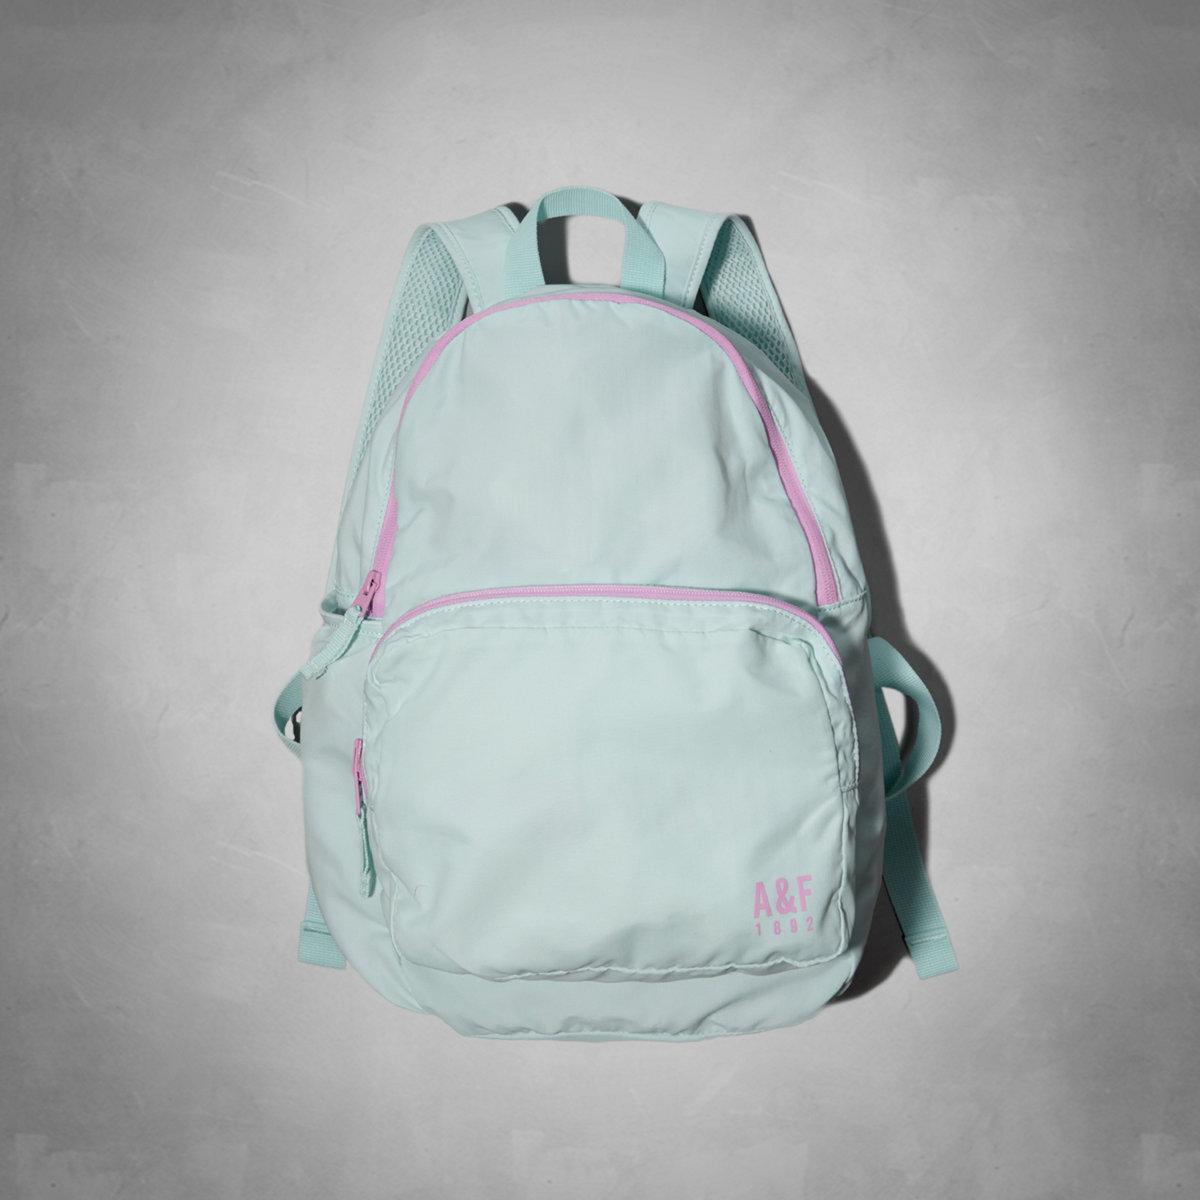 美國百分百【全新真品】Abercrombie & Fitch 後背包 AF 可收納 麋鹿 網狀 減壓 輕巧 女 粉藍 E068